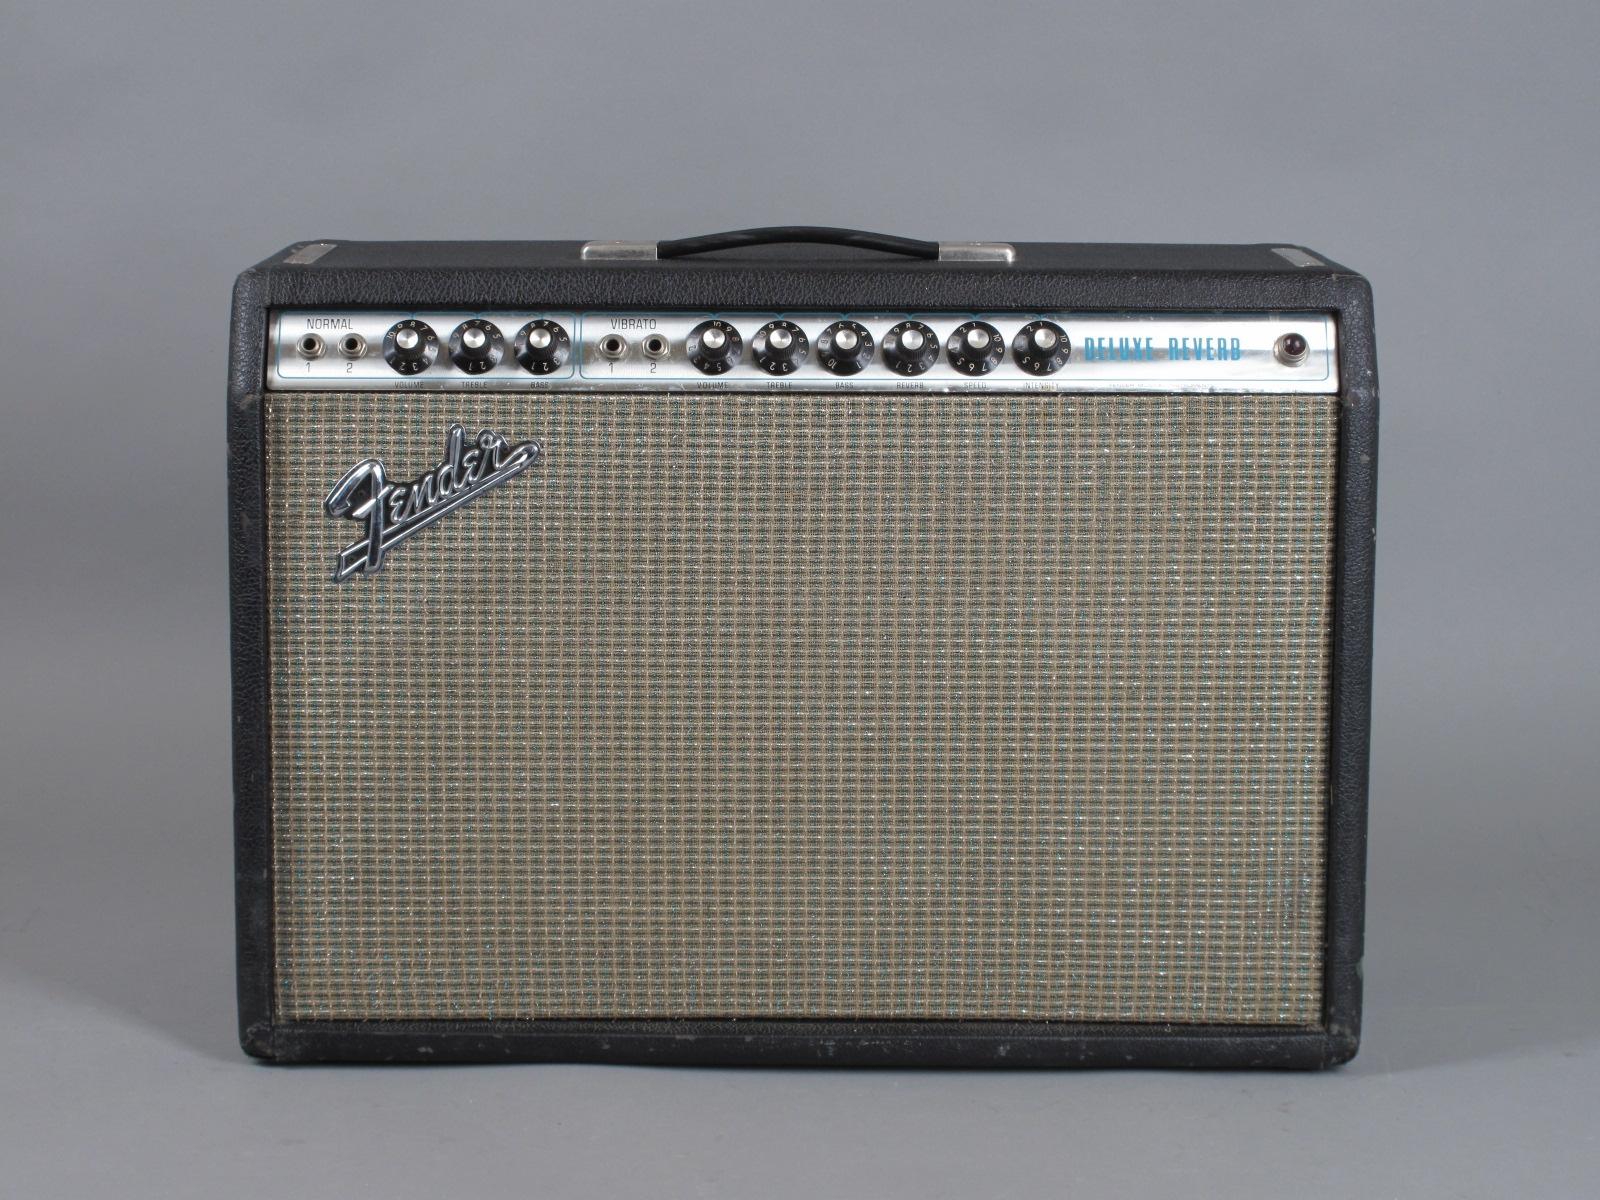 1971 Fender Deluxe Reverb Amplifier